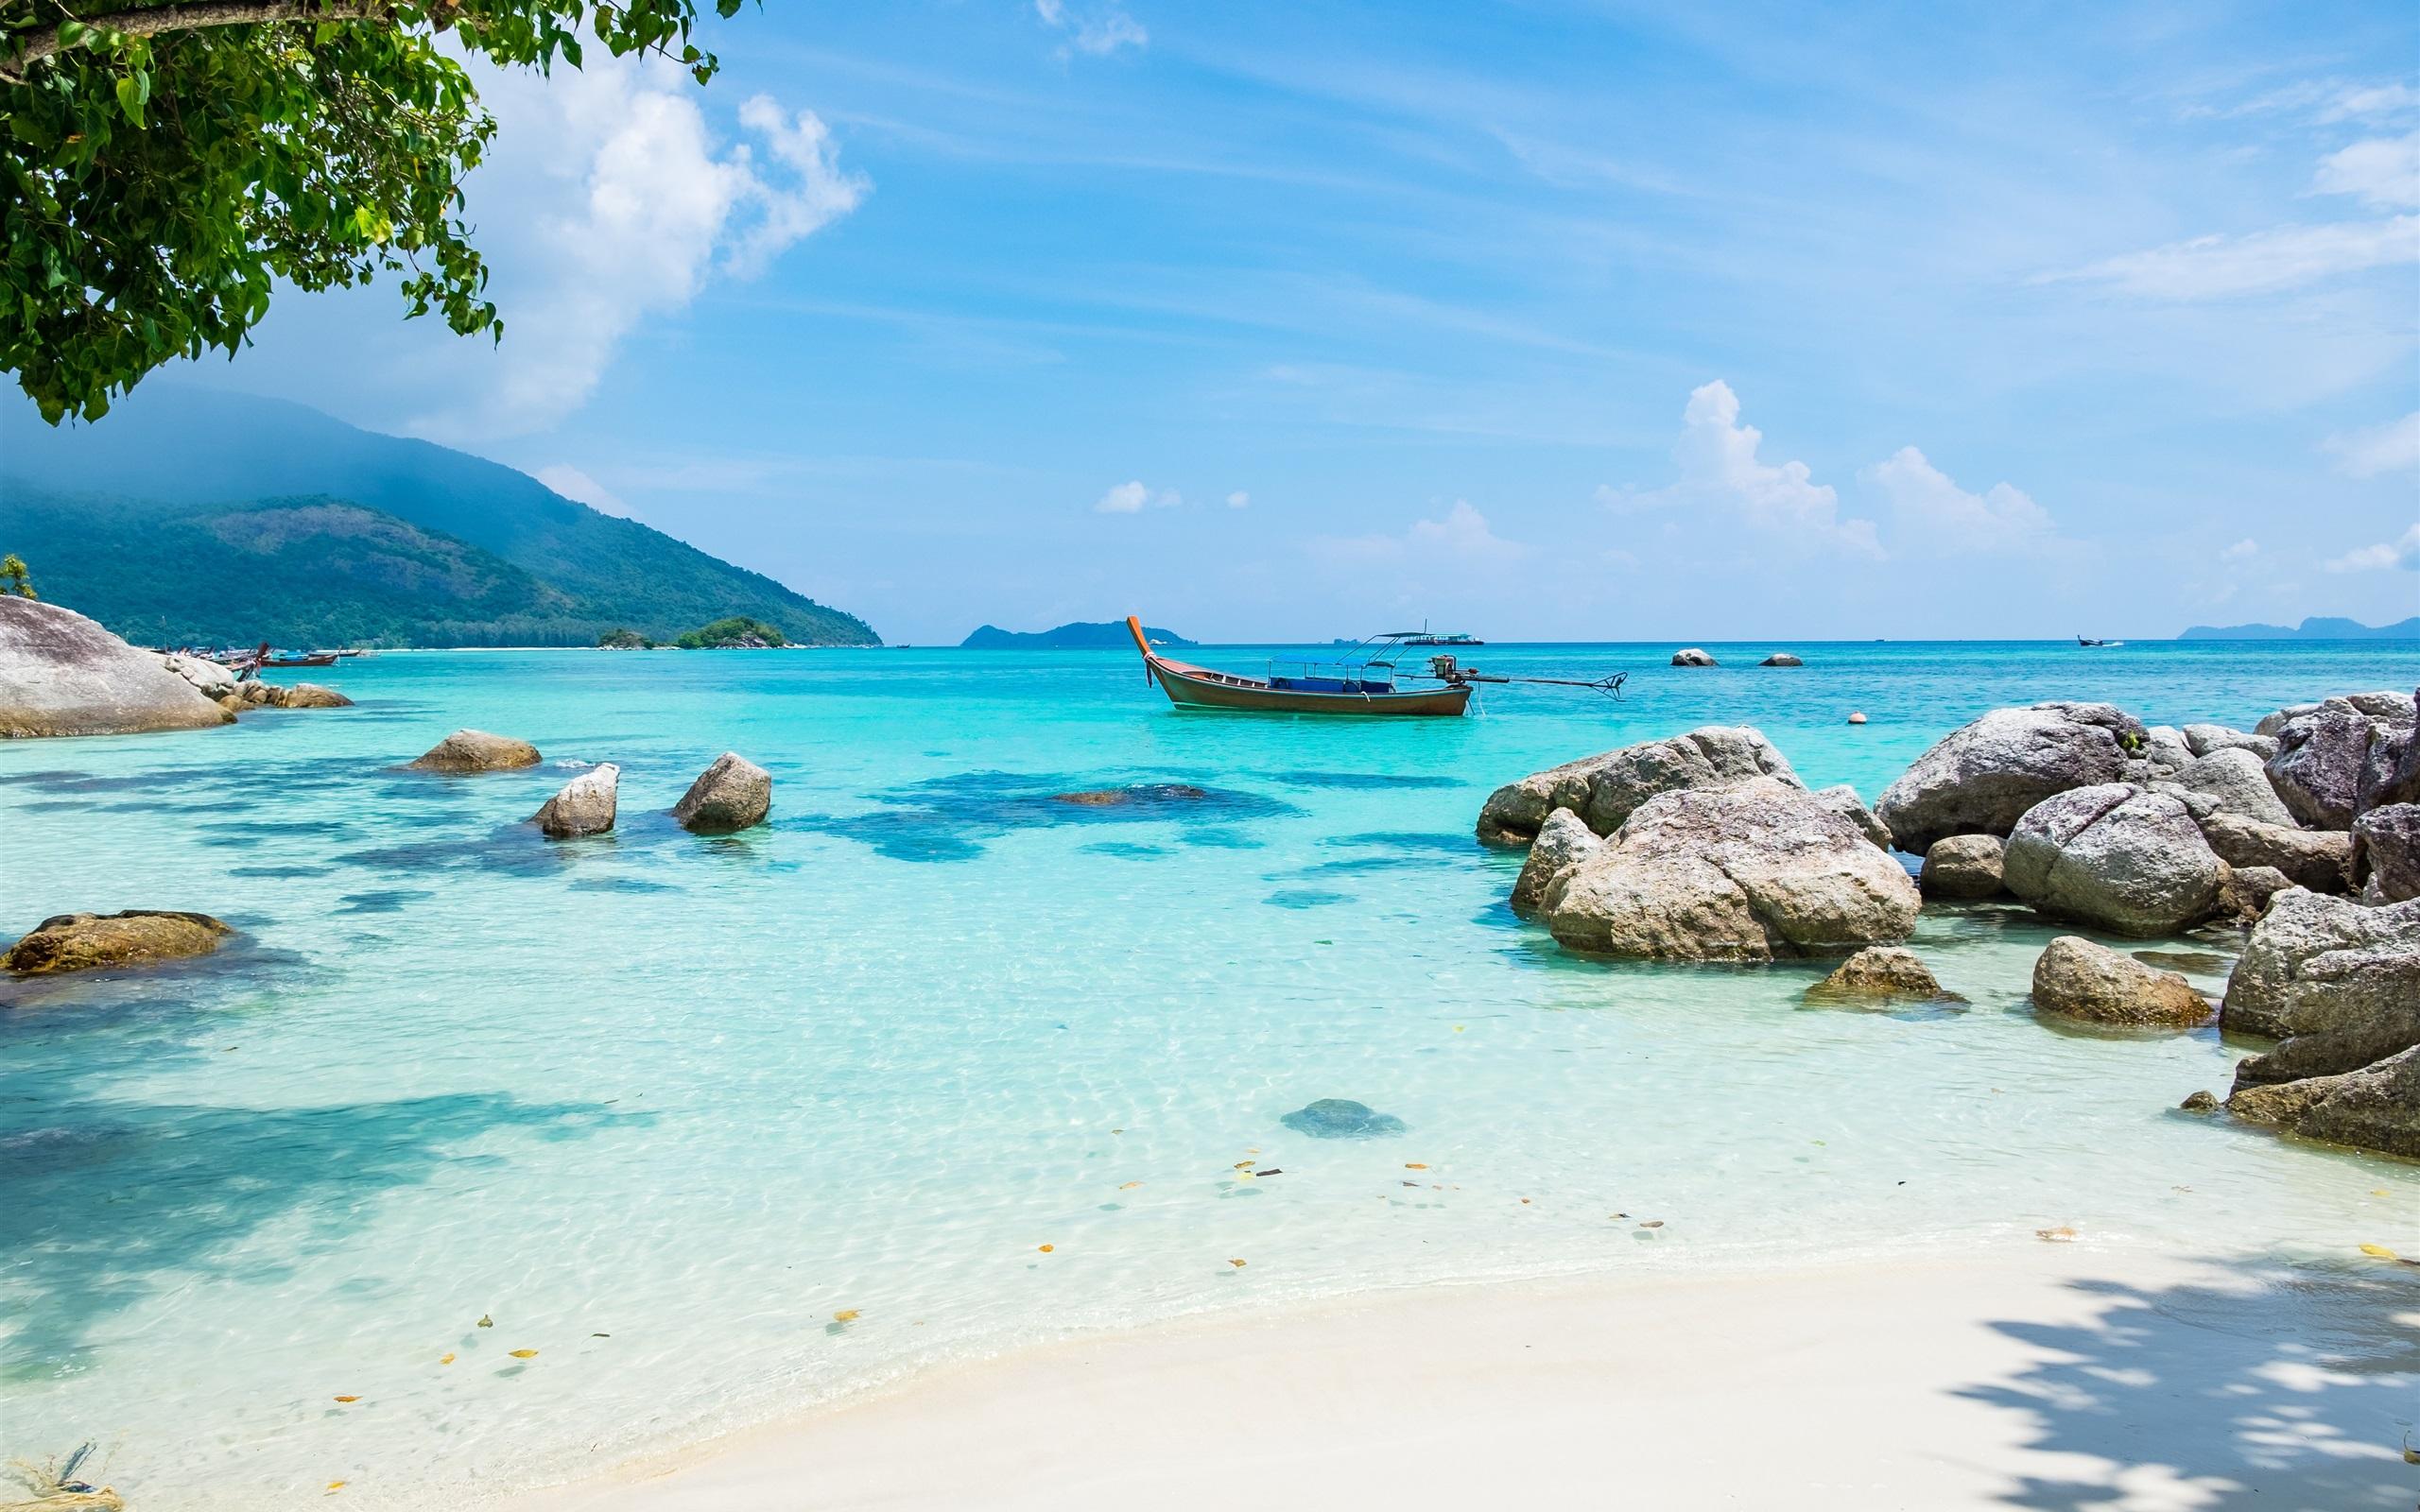 tropen landschaft, meer, strand, boot, sommer 3840x2160 uhd 4k